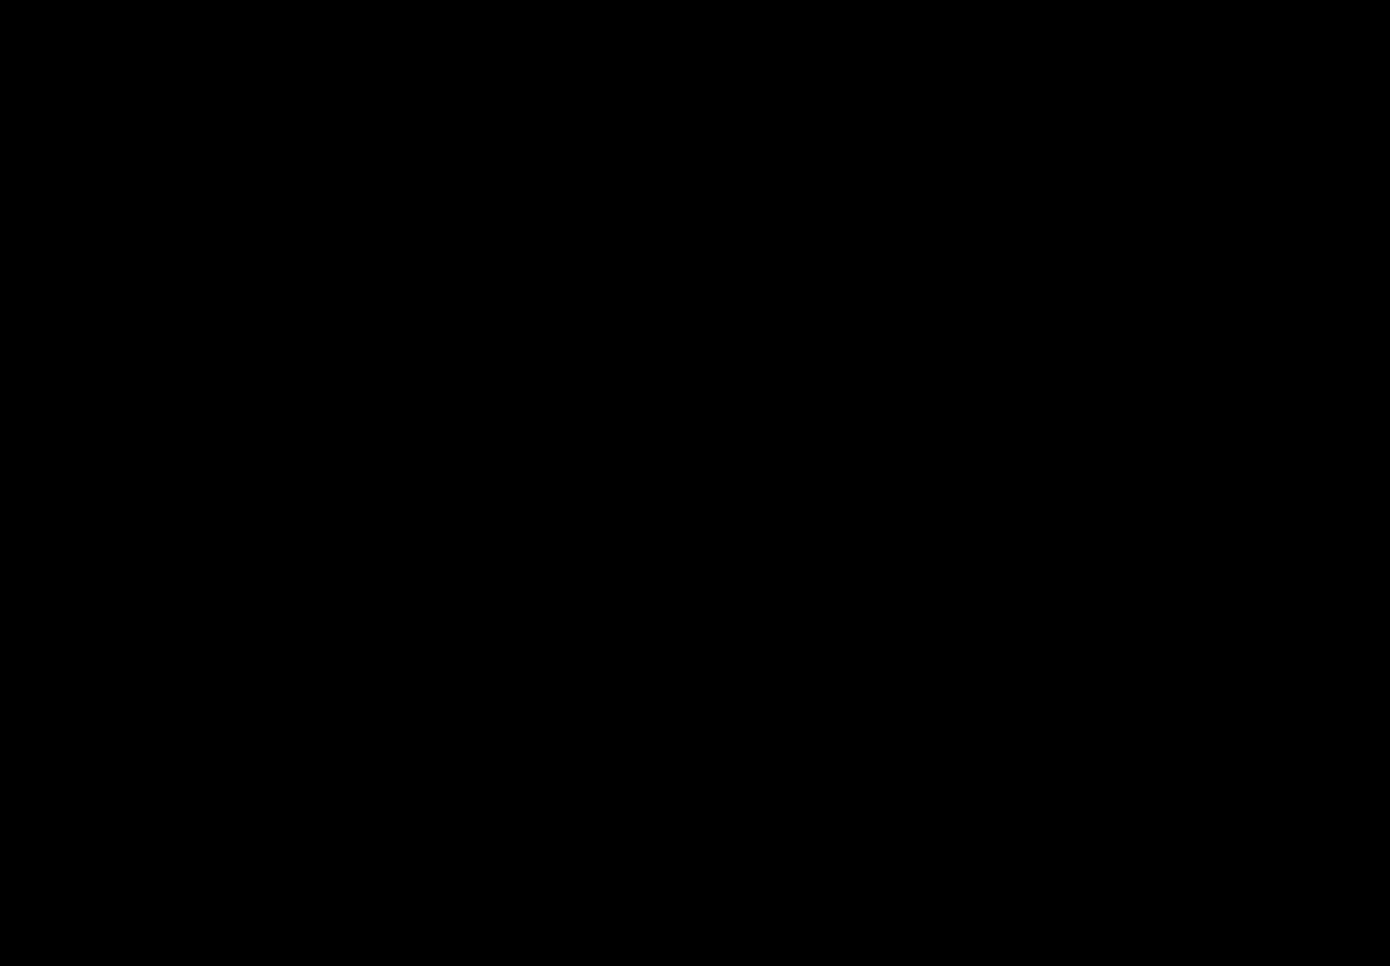 N-[2-(N-Boc-N-N-propylamino)ethyl]phthalimide